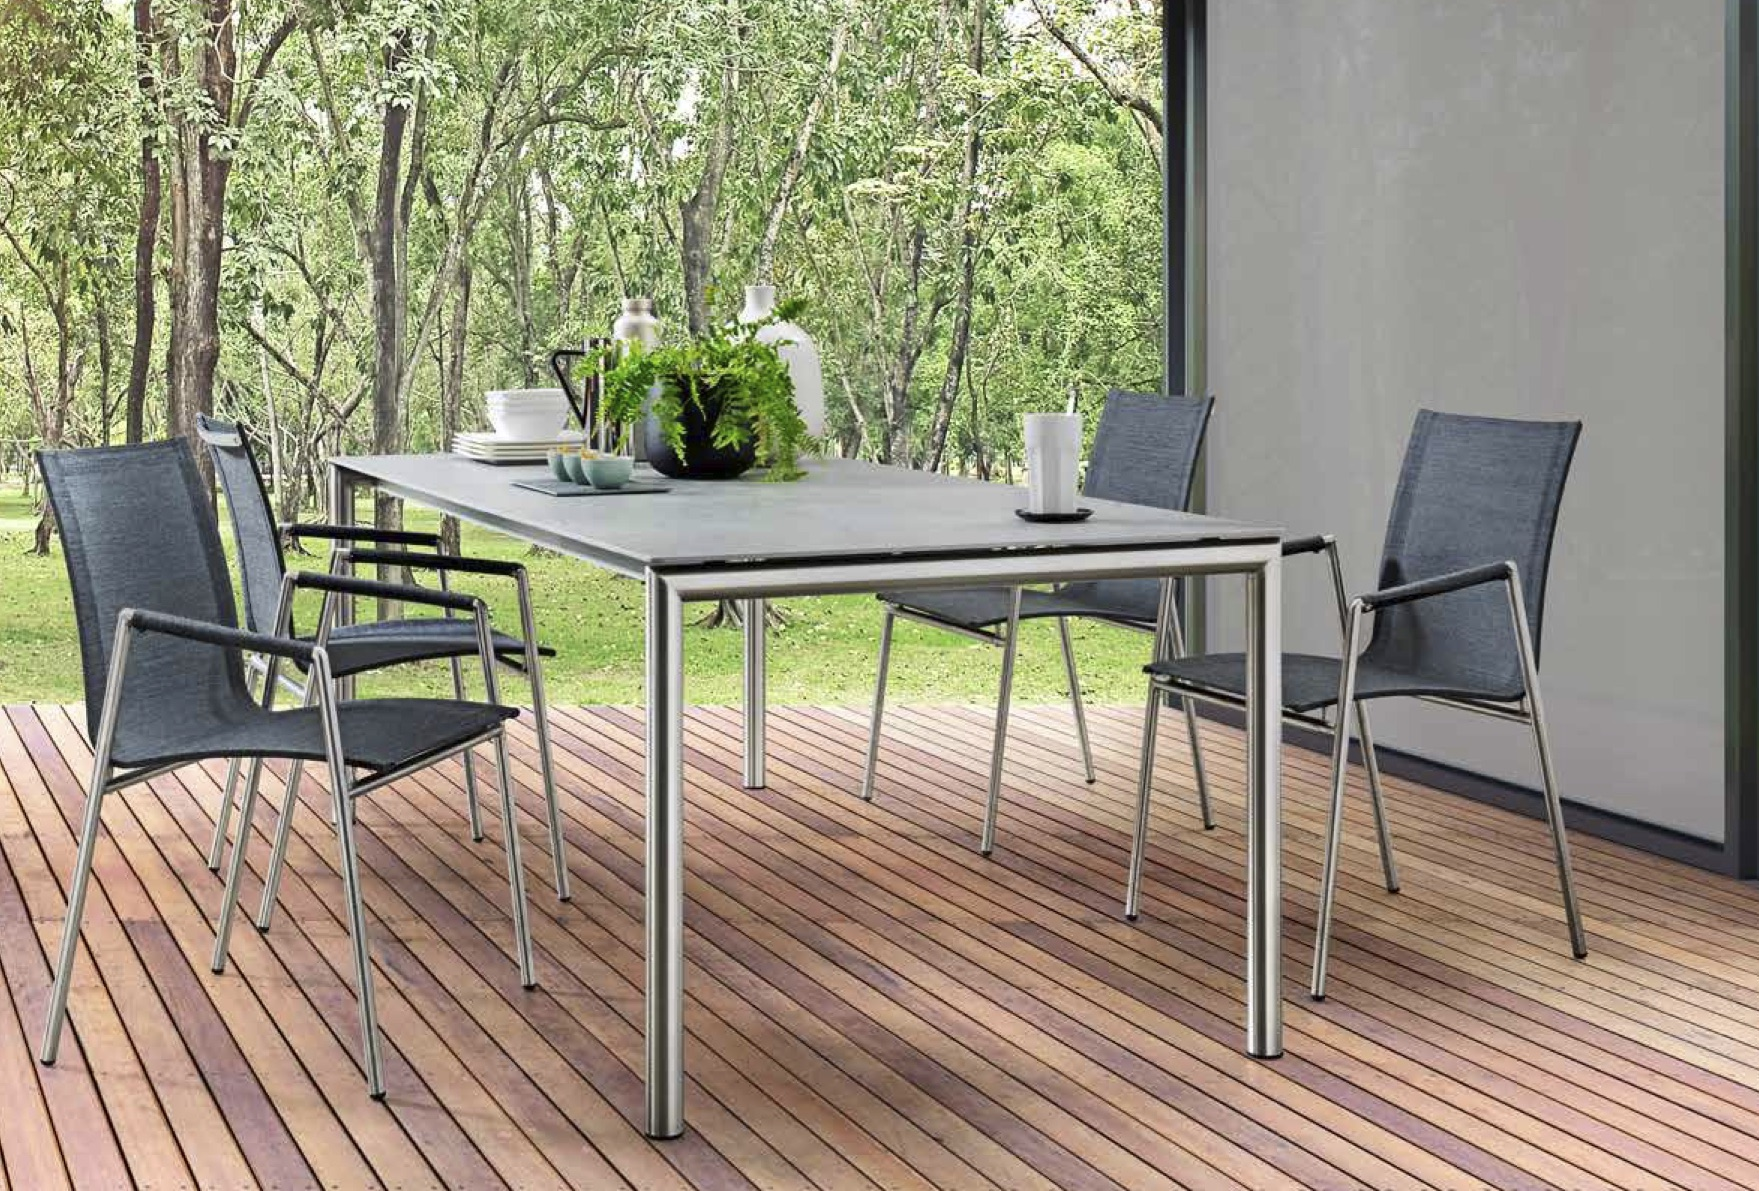 Tisch mit Edelstahlfüssen, Stuhl Cortino, Tischplatte Dekton Soke